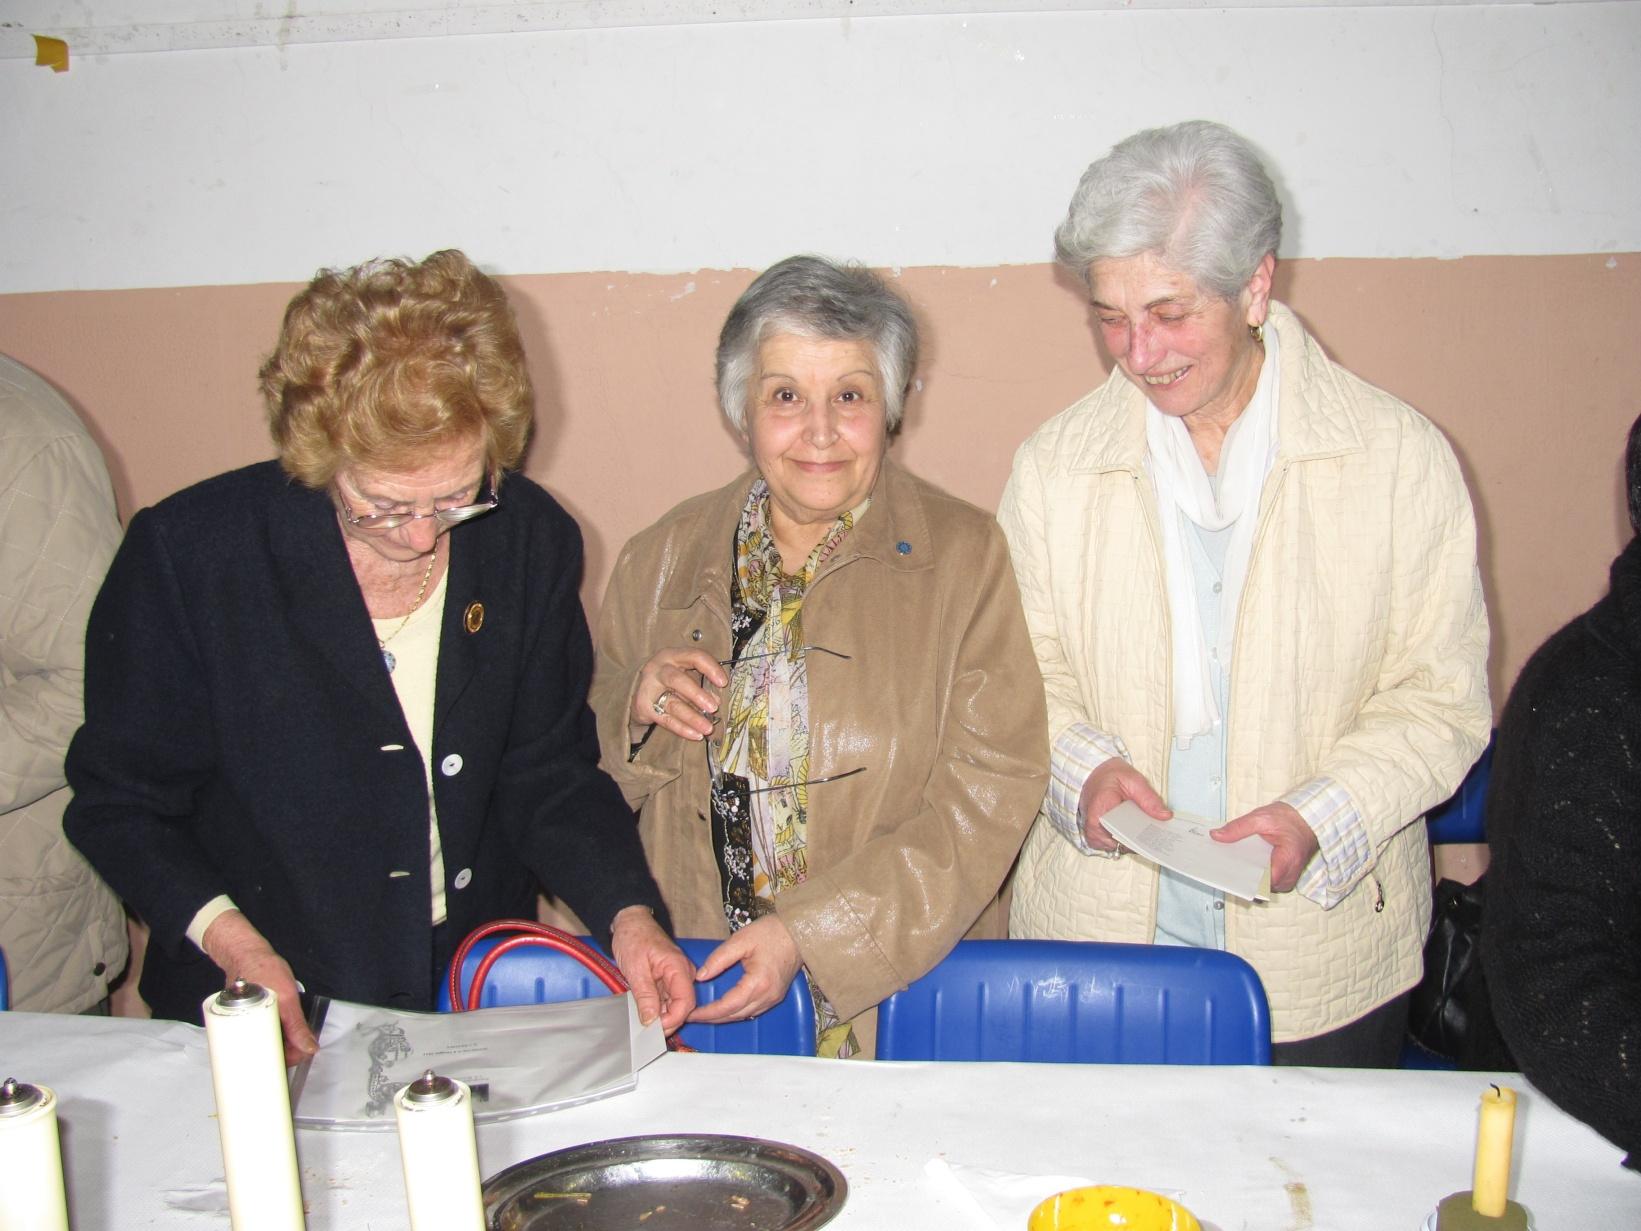 cena_ebraica-2011-04-20-21-16-52